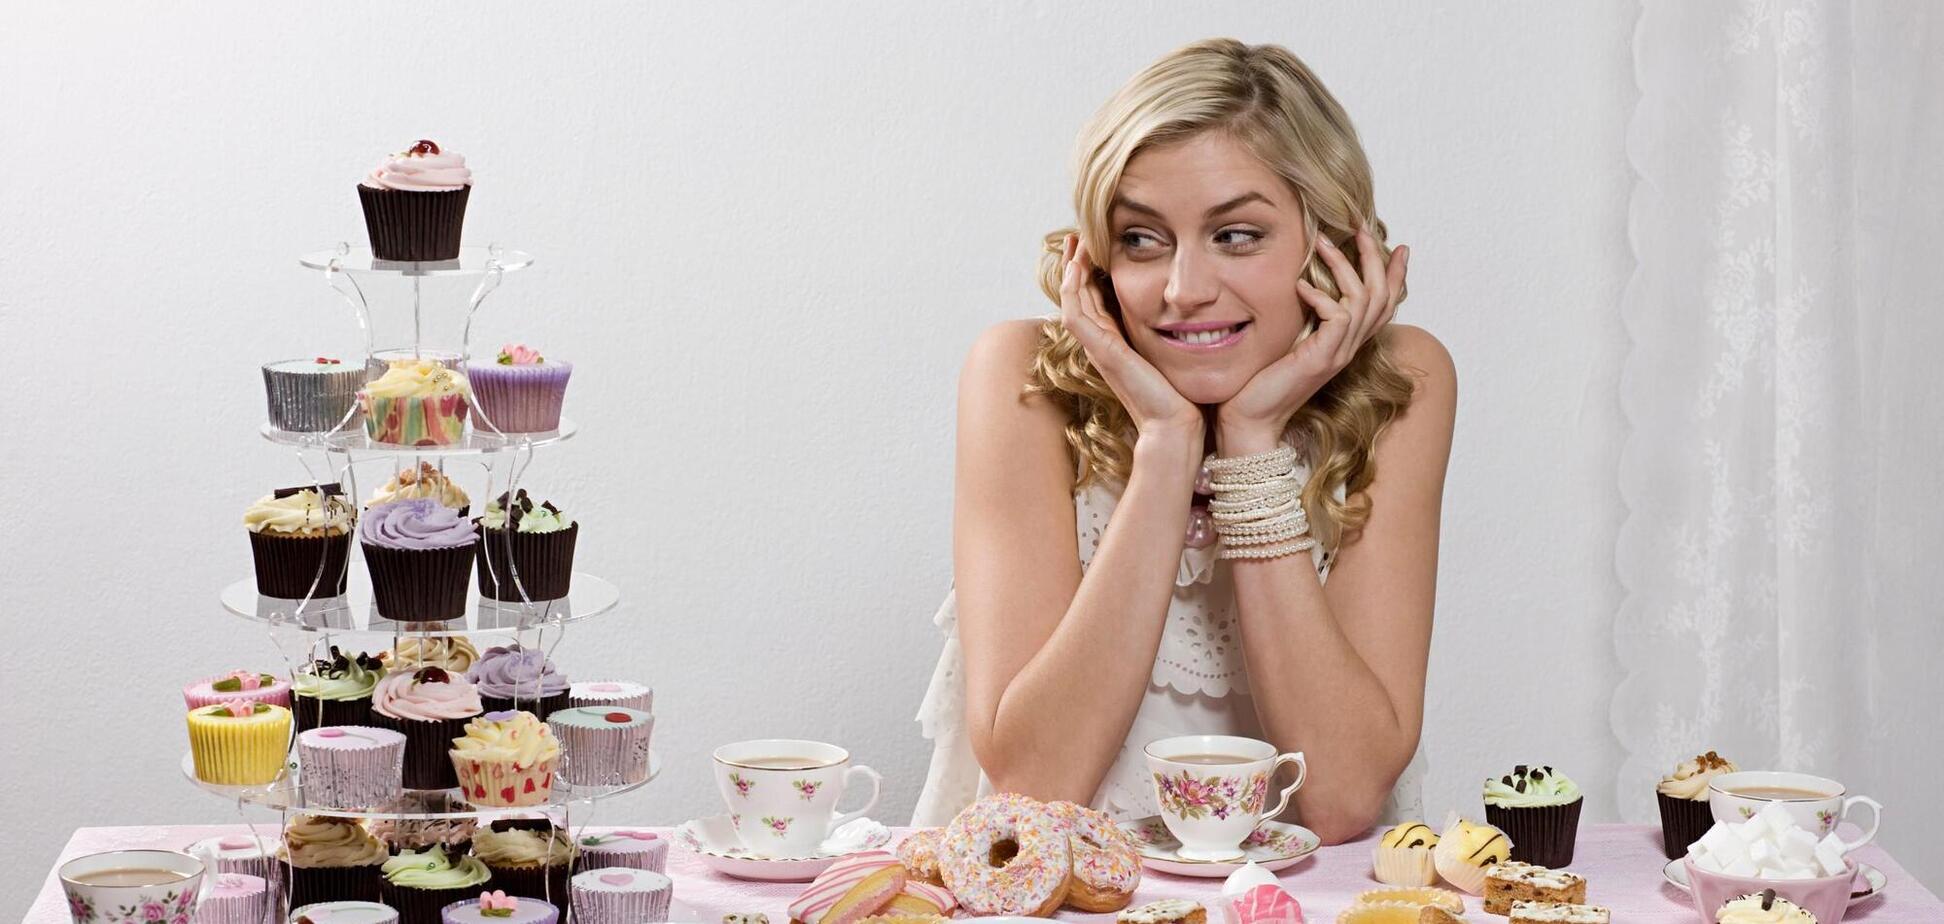 Сладкая жизнь: 6 признаков того, что вы едите слишком много сахара